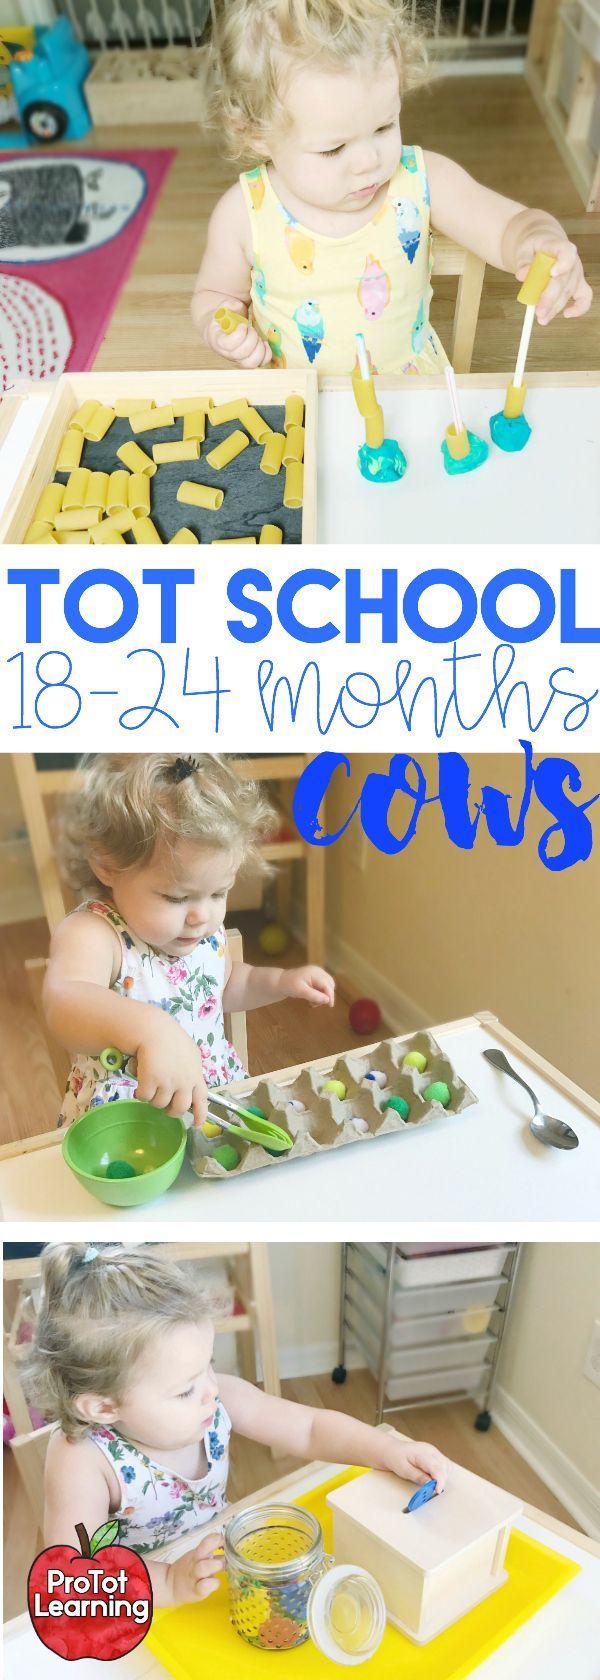 Diese Tot School Cow Unit ist für 18-24 Monate alte Kleinkinder gedacht. Es beinhaltet o